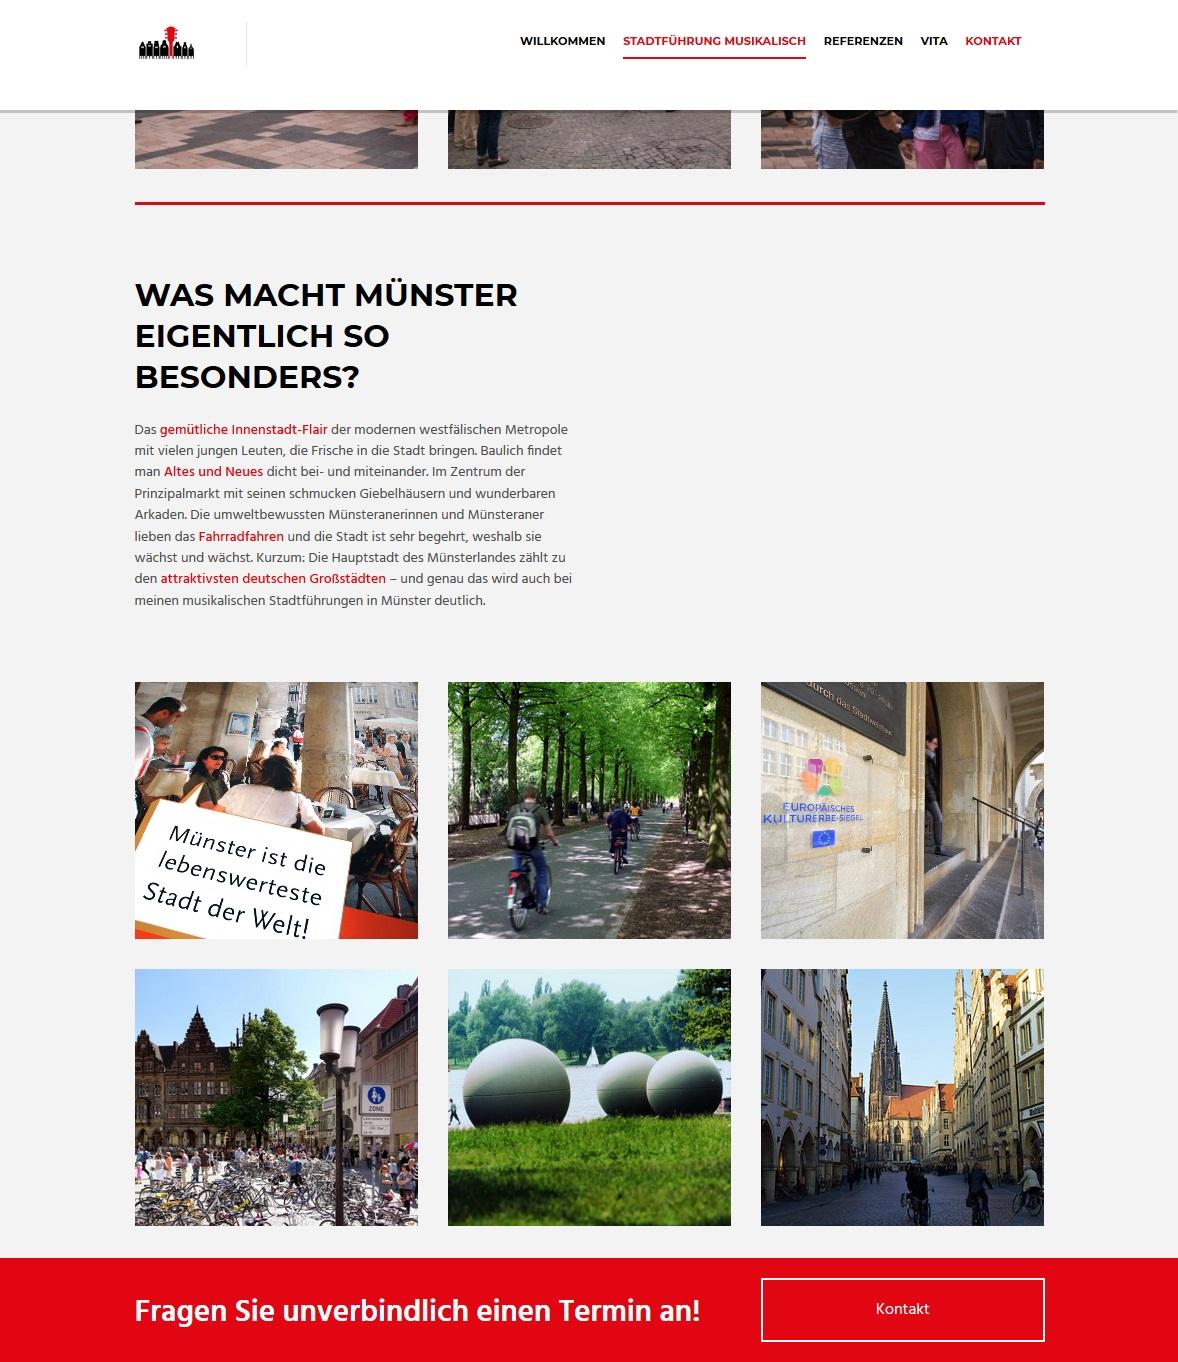 Münster Musikalisch